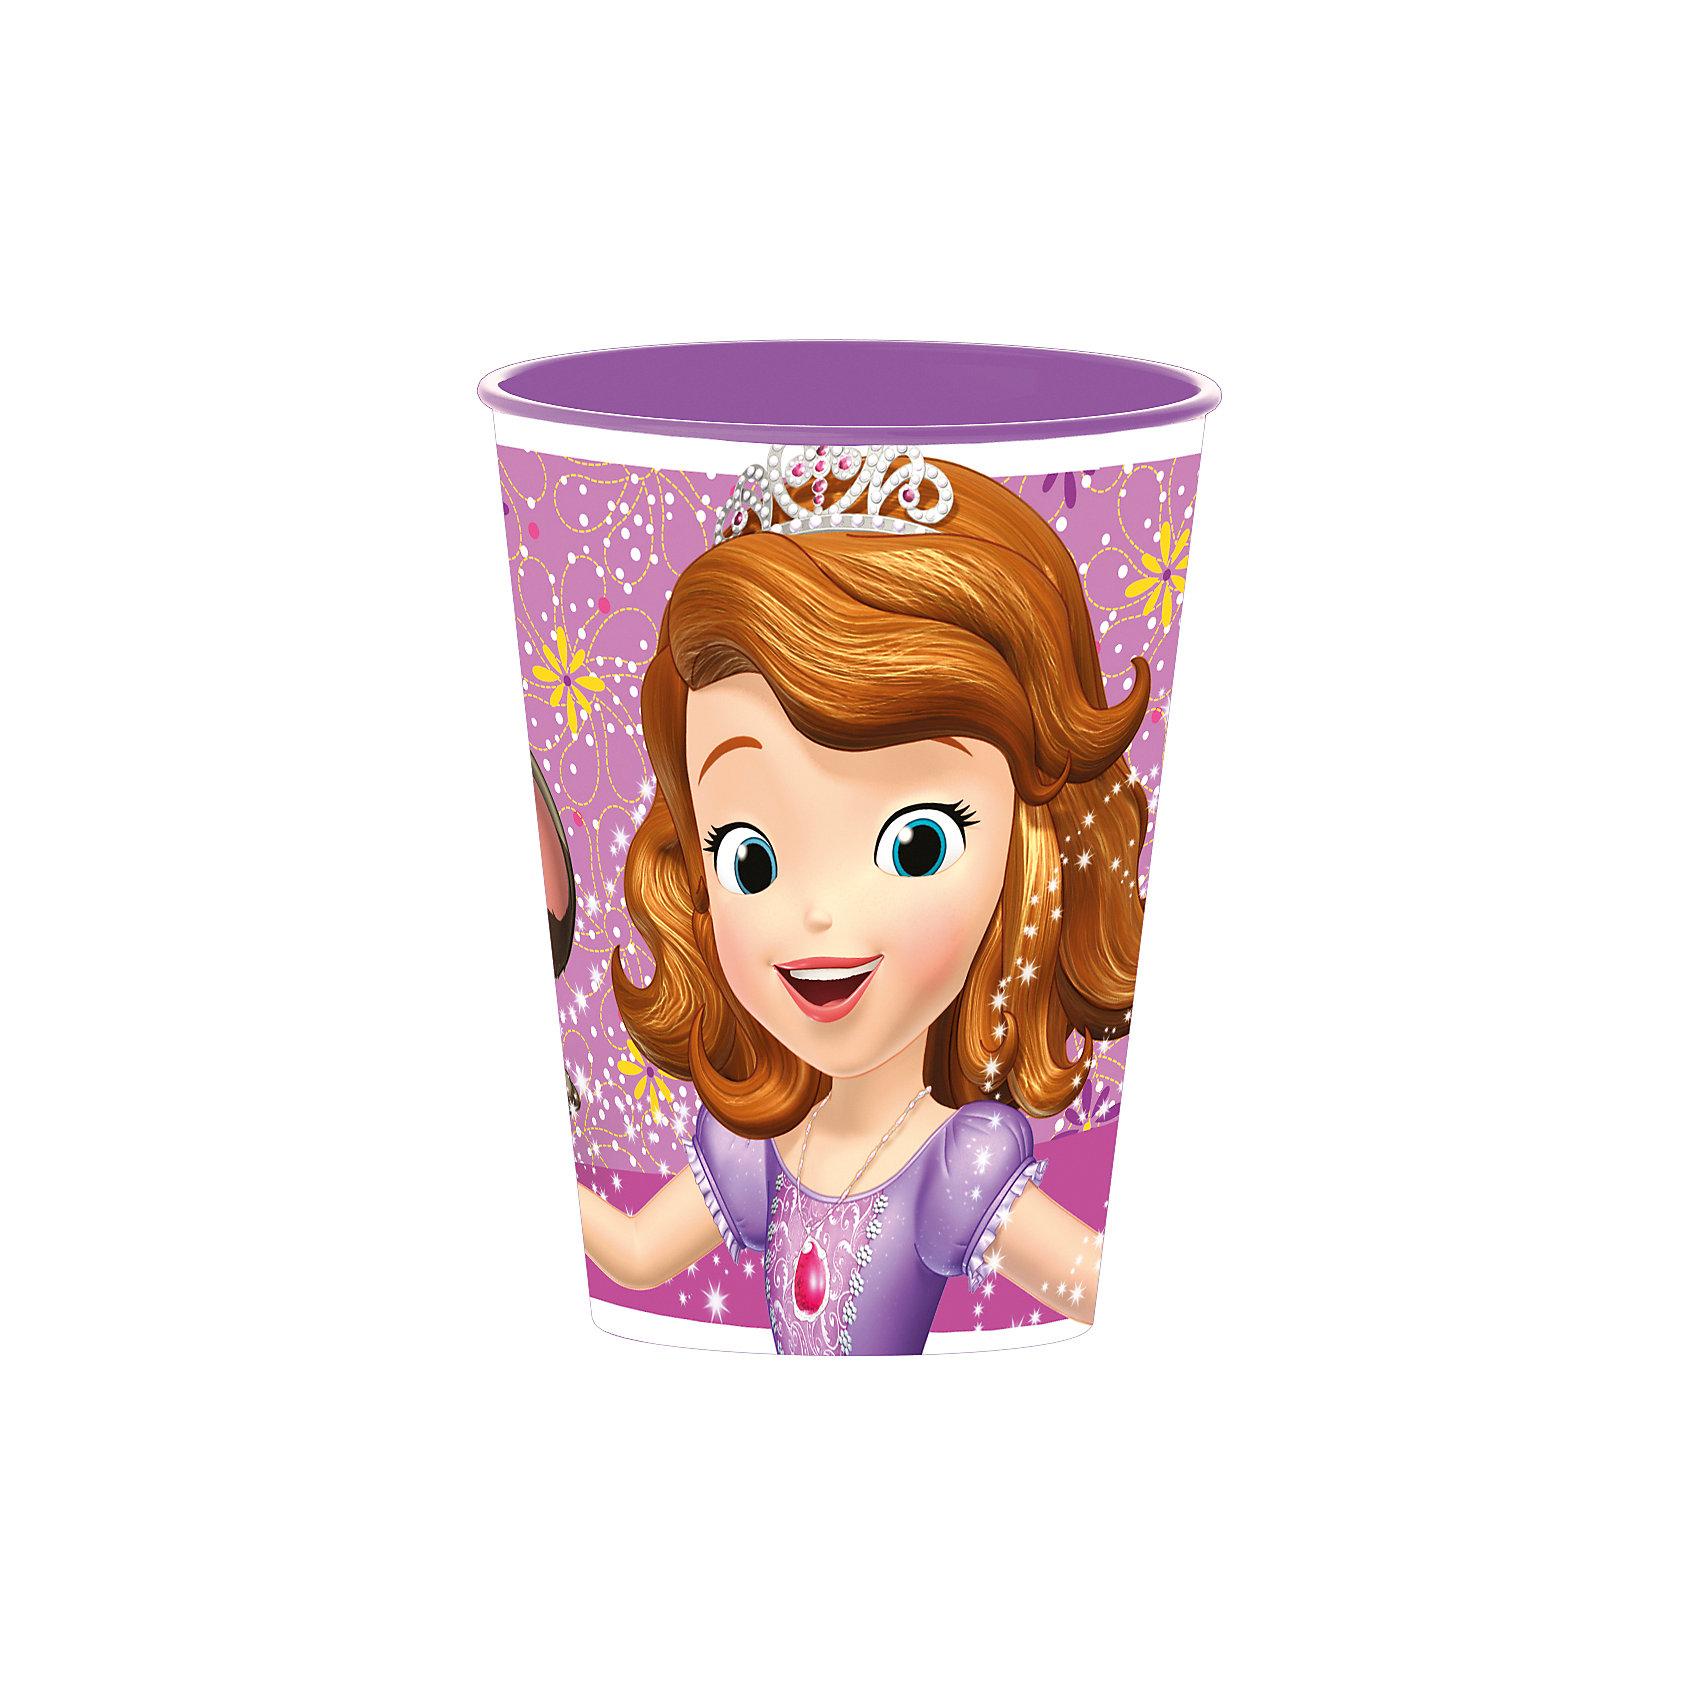 Стакан пластиковый 260 мл., Принцесса СофияПосуда<br>Характеристики:<br><br>• возраст: от 3 лет;<br>• объем: 260 мл;<br>• материал: пищевой пластик;<br>• размер: 7,6х7,6х9,7 см;<br>• вес: 20 г.<br>   <br>Красочный детский стакан с изображениями любимых телевизионных героев предназначен для детей от 3 лет. Яркую посуду можно использовать дома, брать с собой в дорогу или на пикник. <br><br>Стакан изготовлен из высококачественного пищевого пластика. Его можно использовать для обучения детей самостоятельному приему пищи, потому что стакан не бьется и безопасен для малышей.<br><br>Стакан пластиковый 260 мл., Принцесса София, Stor можно приобрести в нашем интернет-магазине.<br><br>Ширина мм: 76<br>Глубина мм: 76<br>Высота мм: 97<br>Вес г: 20<br>Возраст от месяцев: 36<br>Возраст до месяцев: 2147483647<br>Пол: Унисекс<br>Возраст: Детский<br>SKU: 7010342